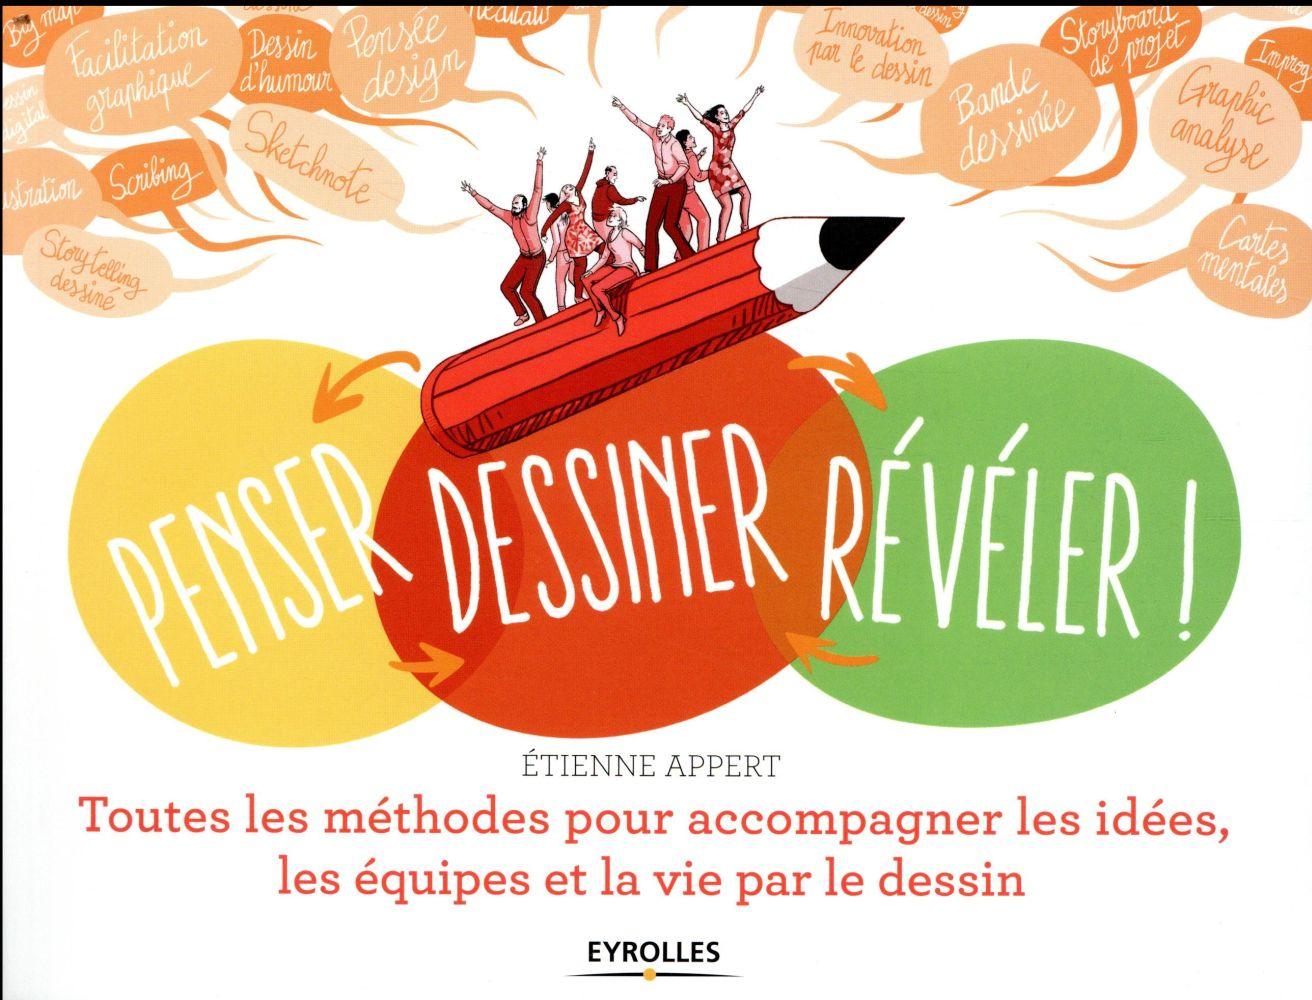 PENSER DESSINER REVELER ! FACI APPERT ETIENNE EYROLLES